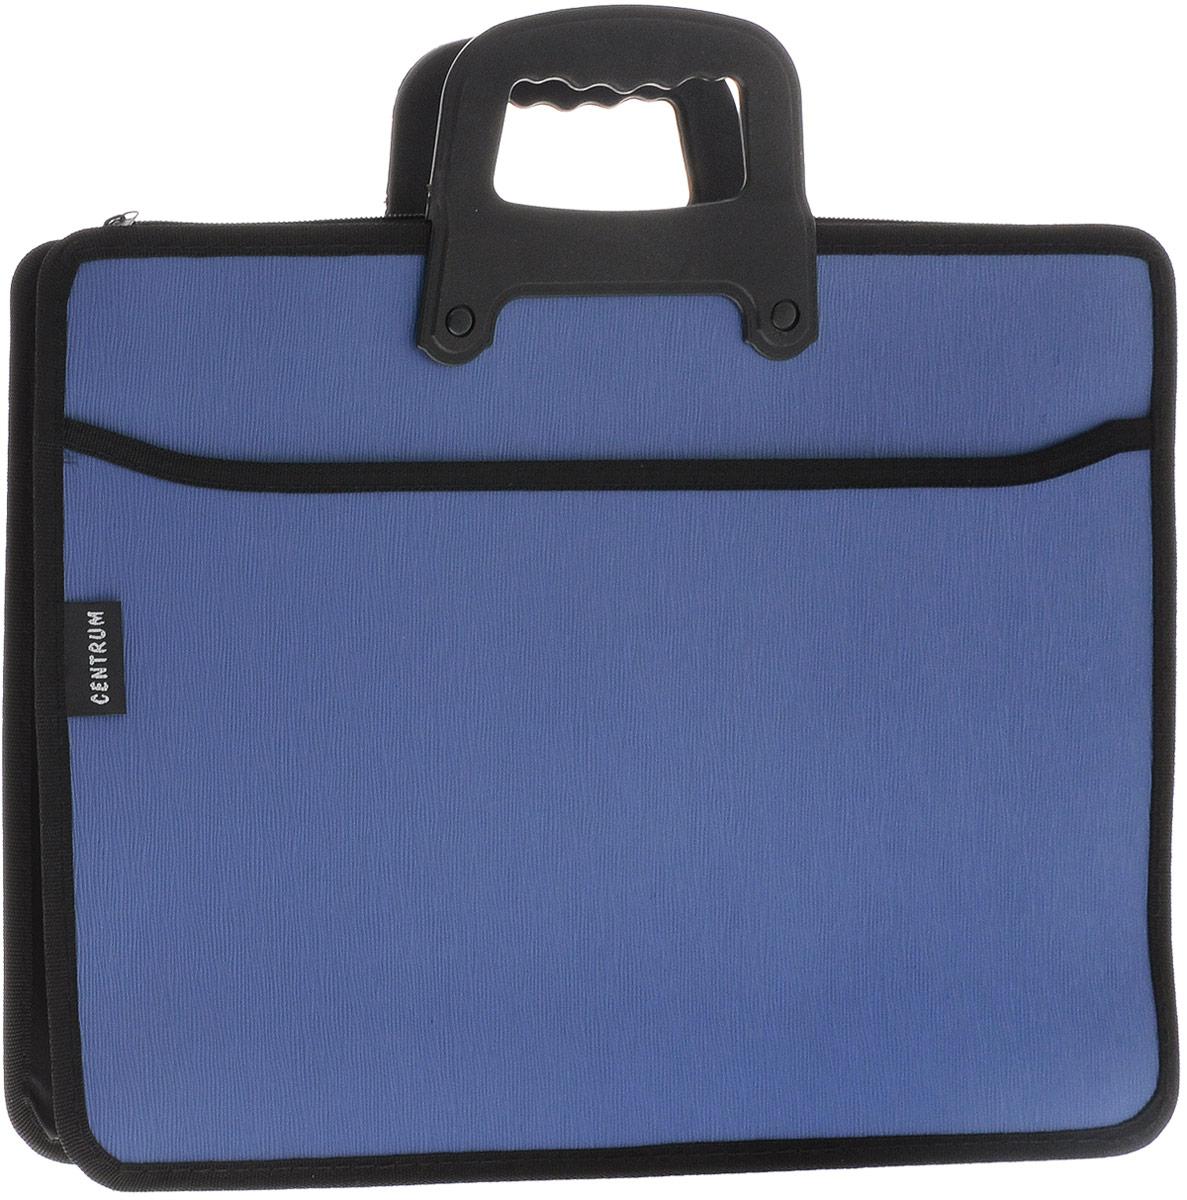 Centrum Папка-портфель на молнии с ручкой цвет синий